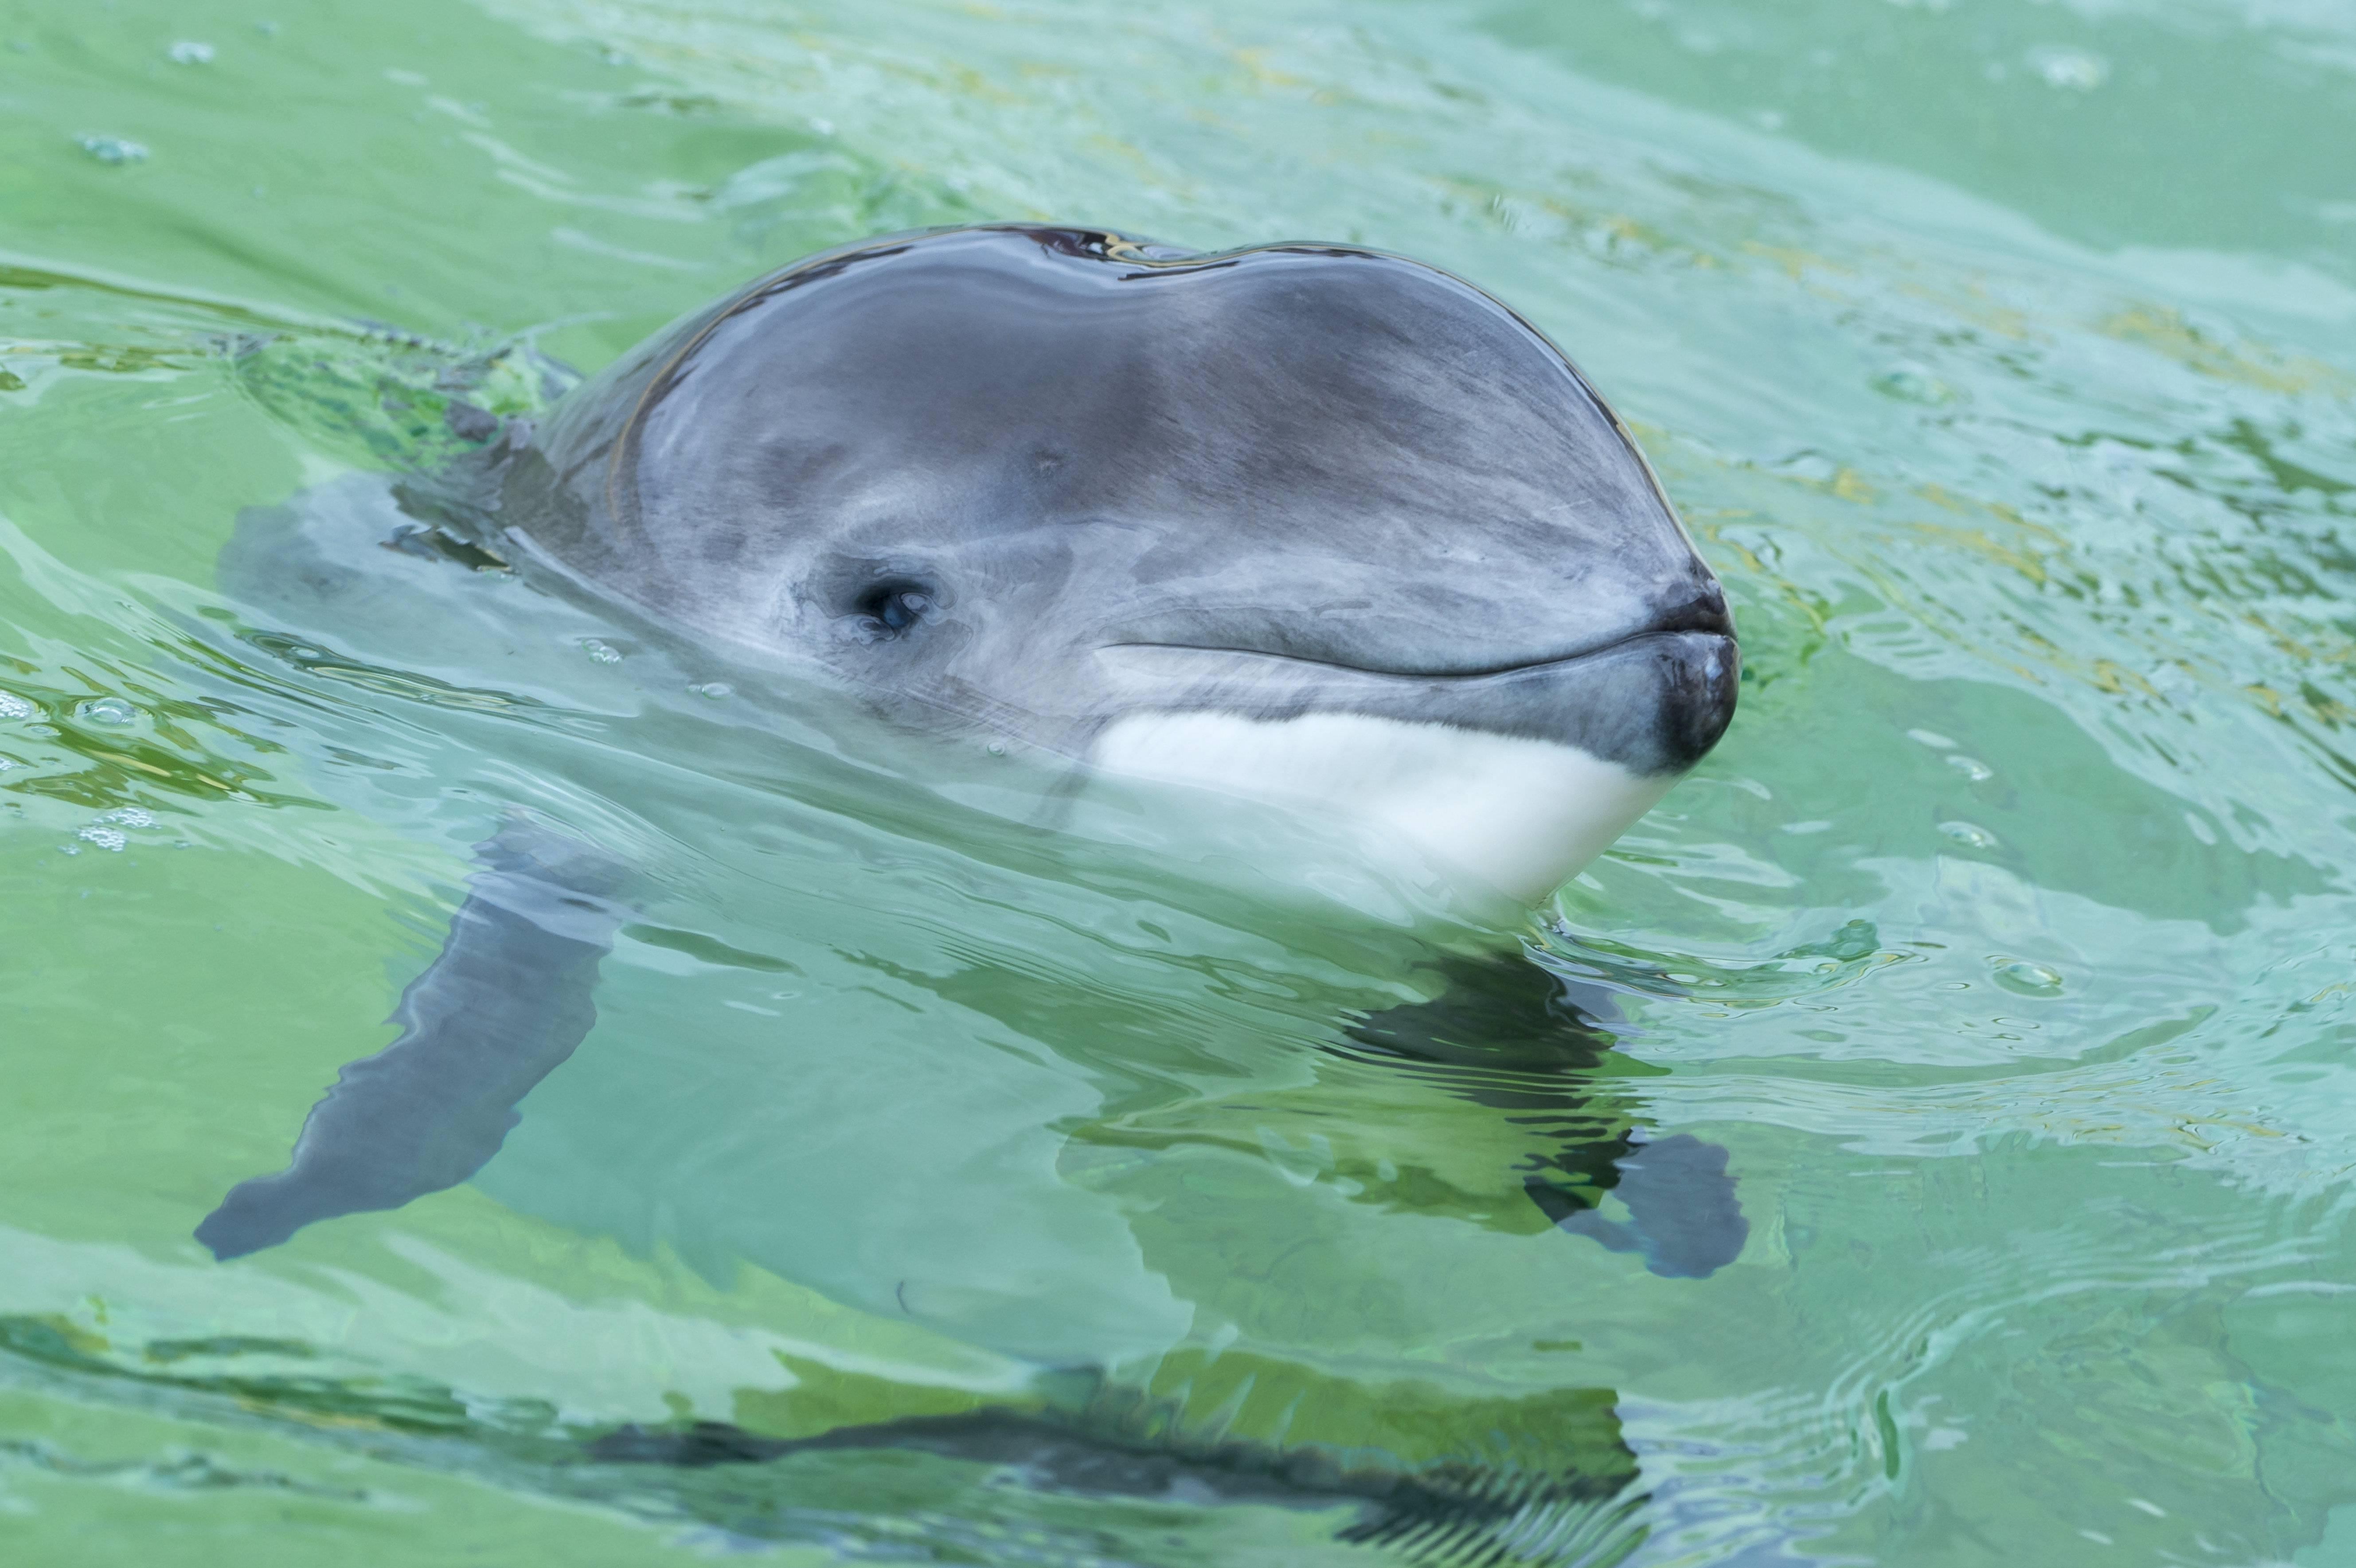 Umwelt - 18 tote Schweinswale nach Minensprengung in der Ostsee